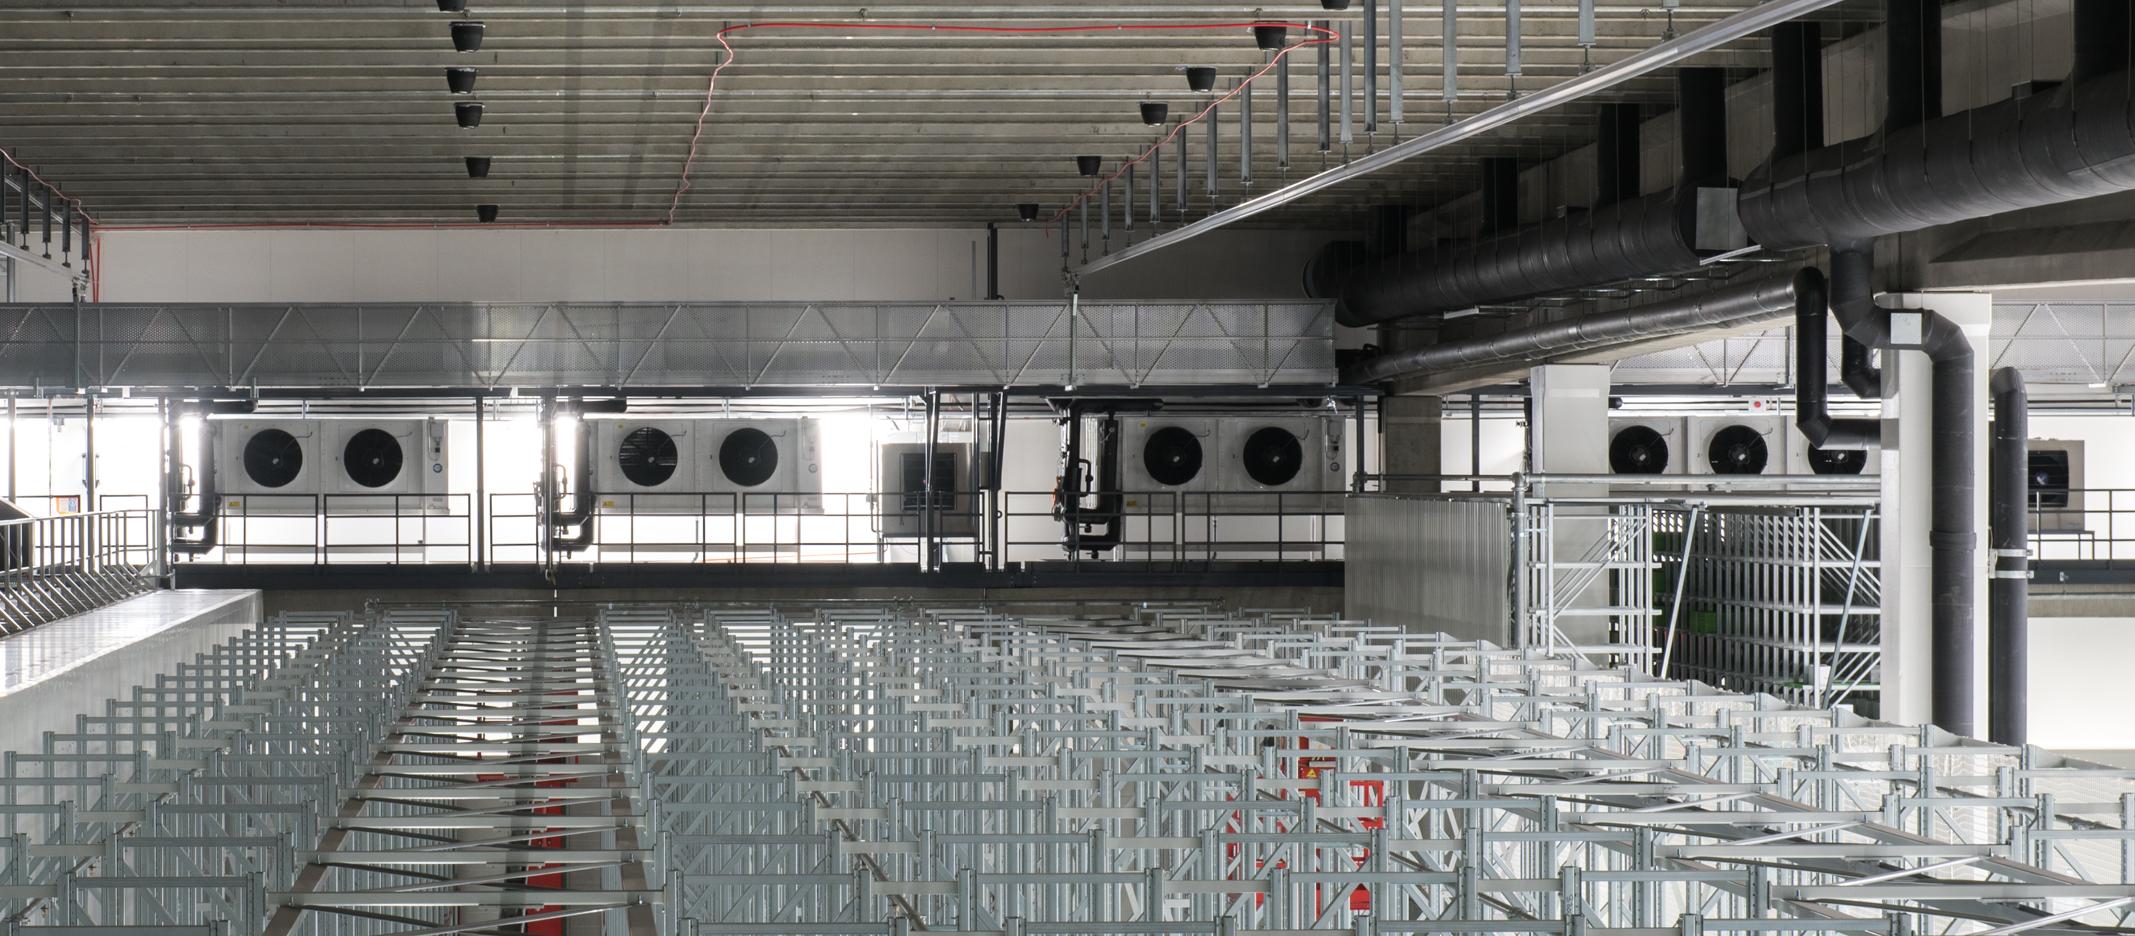 SOK:n Sipoon logistiikkavarastoon toimitettiin vuosien 2014-2017 aikana satoja CoolLine-ilmanjäähdyttimiä.